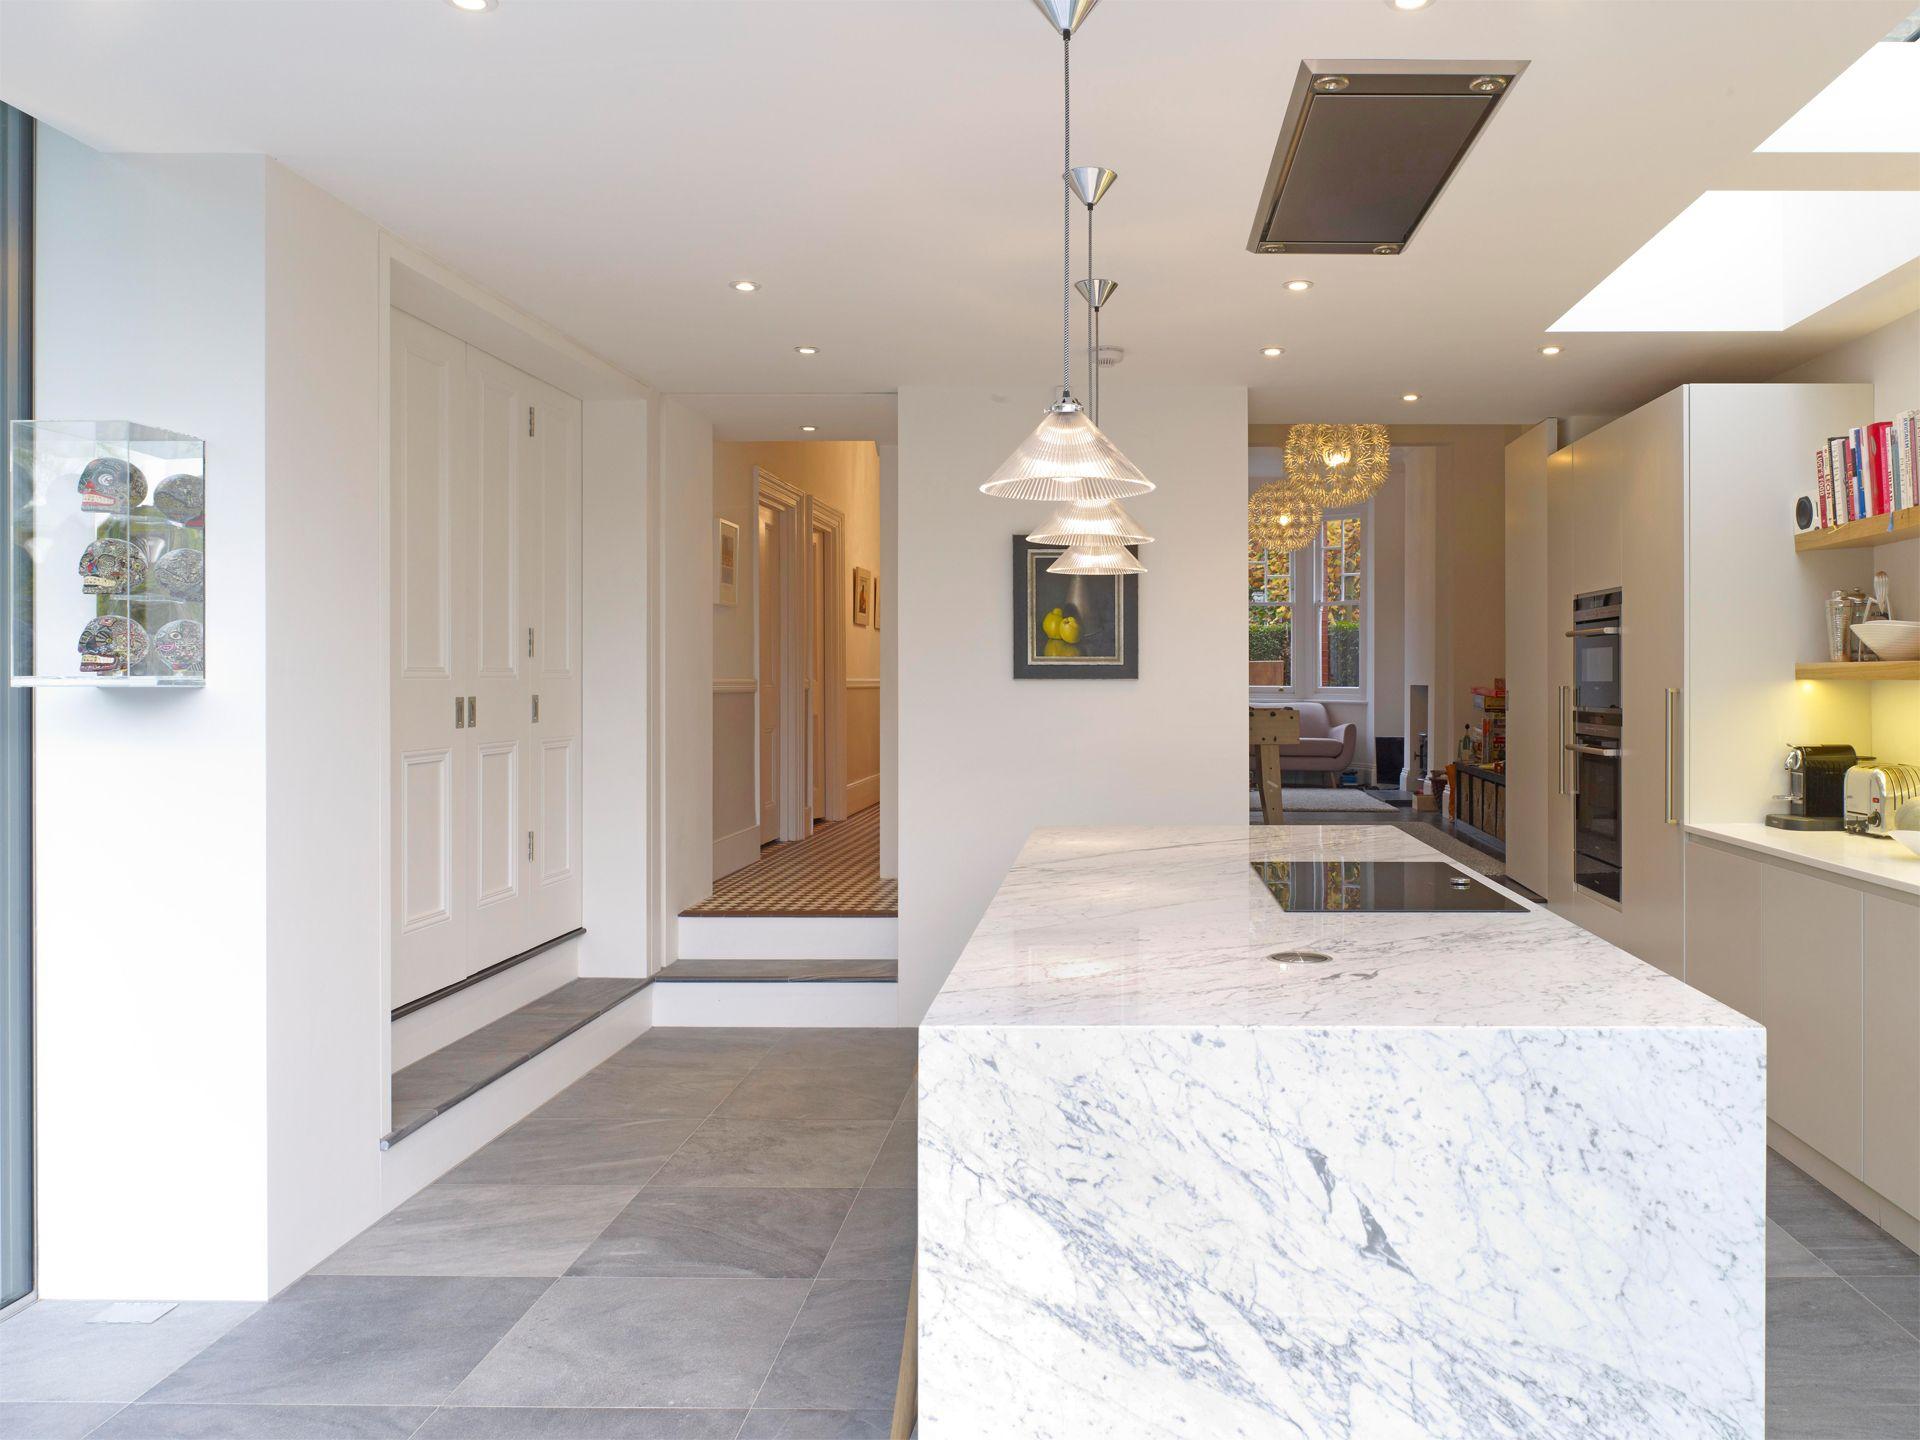 Handleless Matt Lacquer Kitchen With Oak Box Shelves, Corian Worktop And  Book Matched Carrara Marble